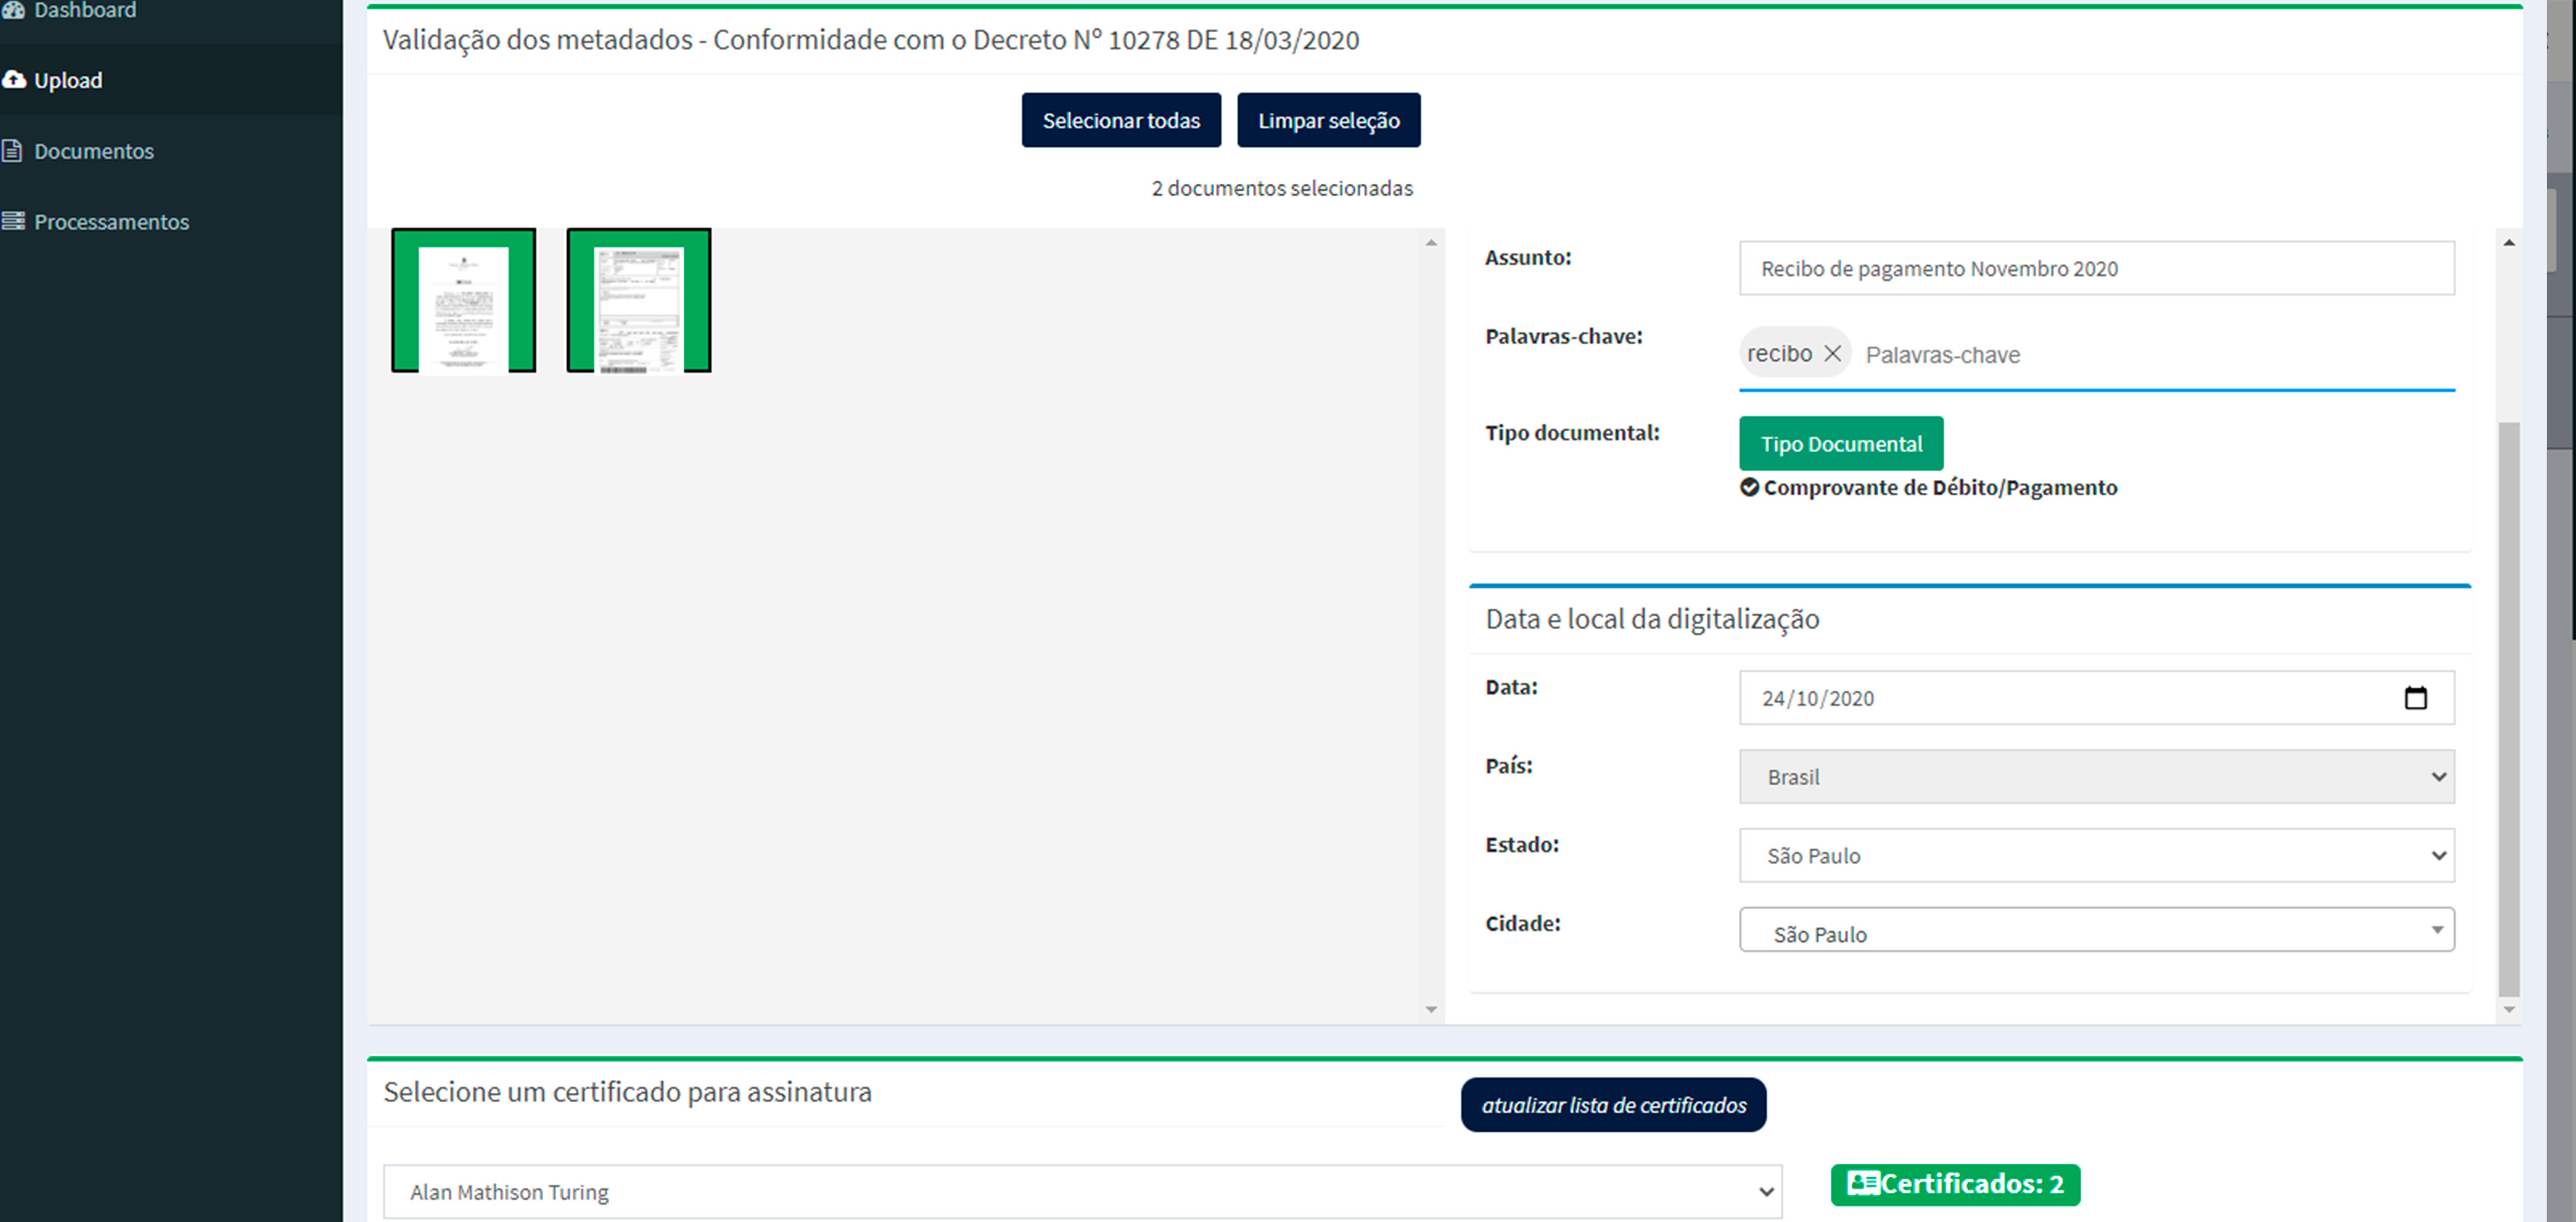 UPLOAD DE NOVOS DOCUMENTOS COM POSSIBILIDADE DE ASSINATURA DIGITAL